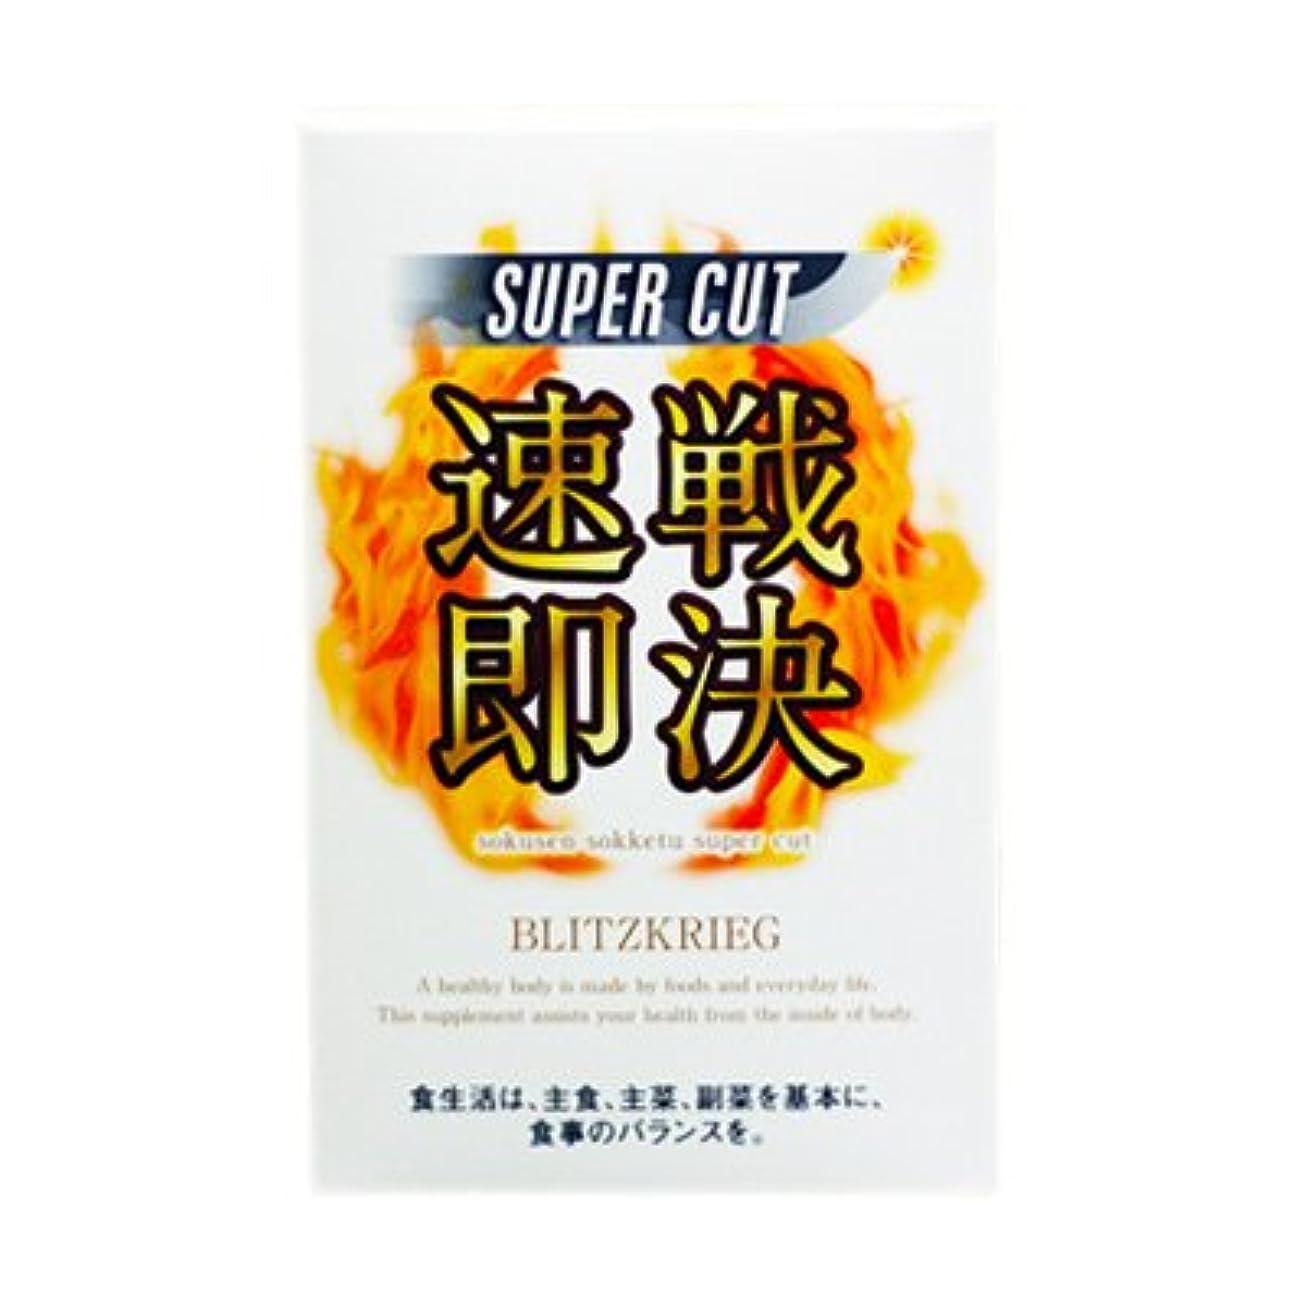 大使館インフルエンザ発言する速戦即決 スーパーカット そくせんそっけつ SUPER CUT